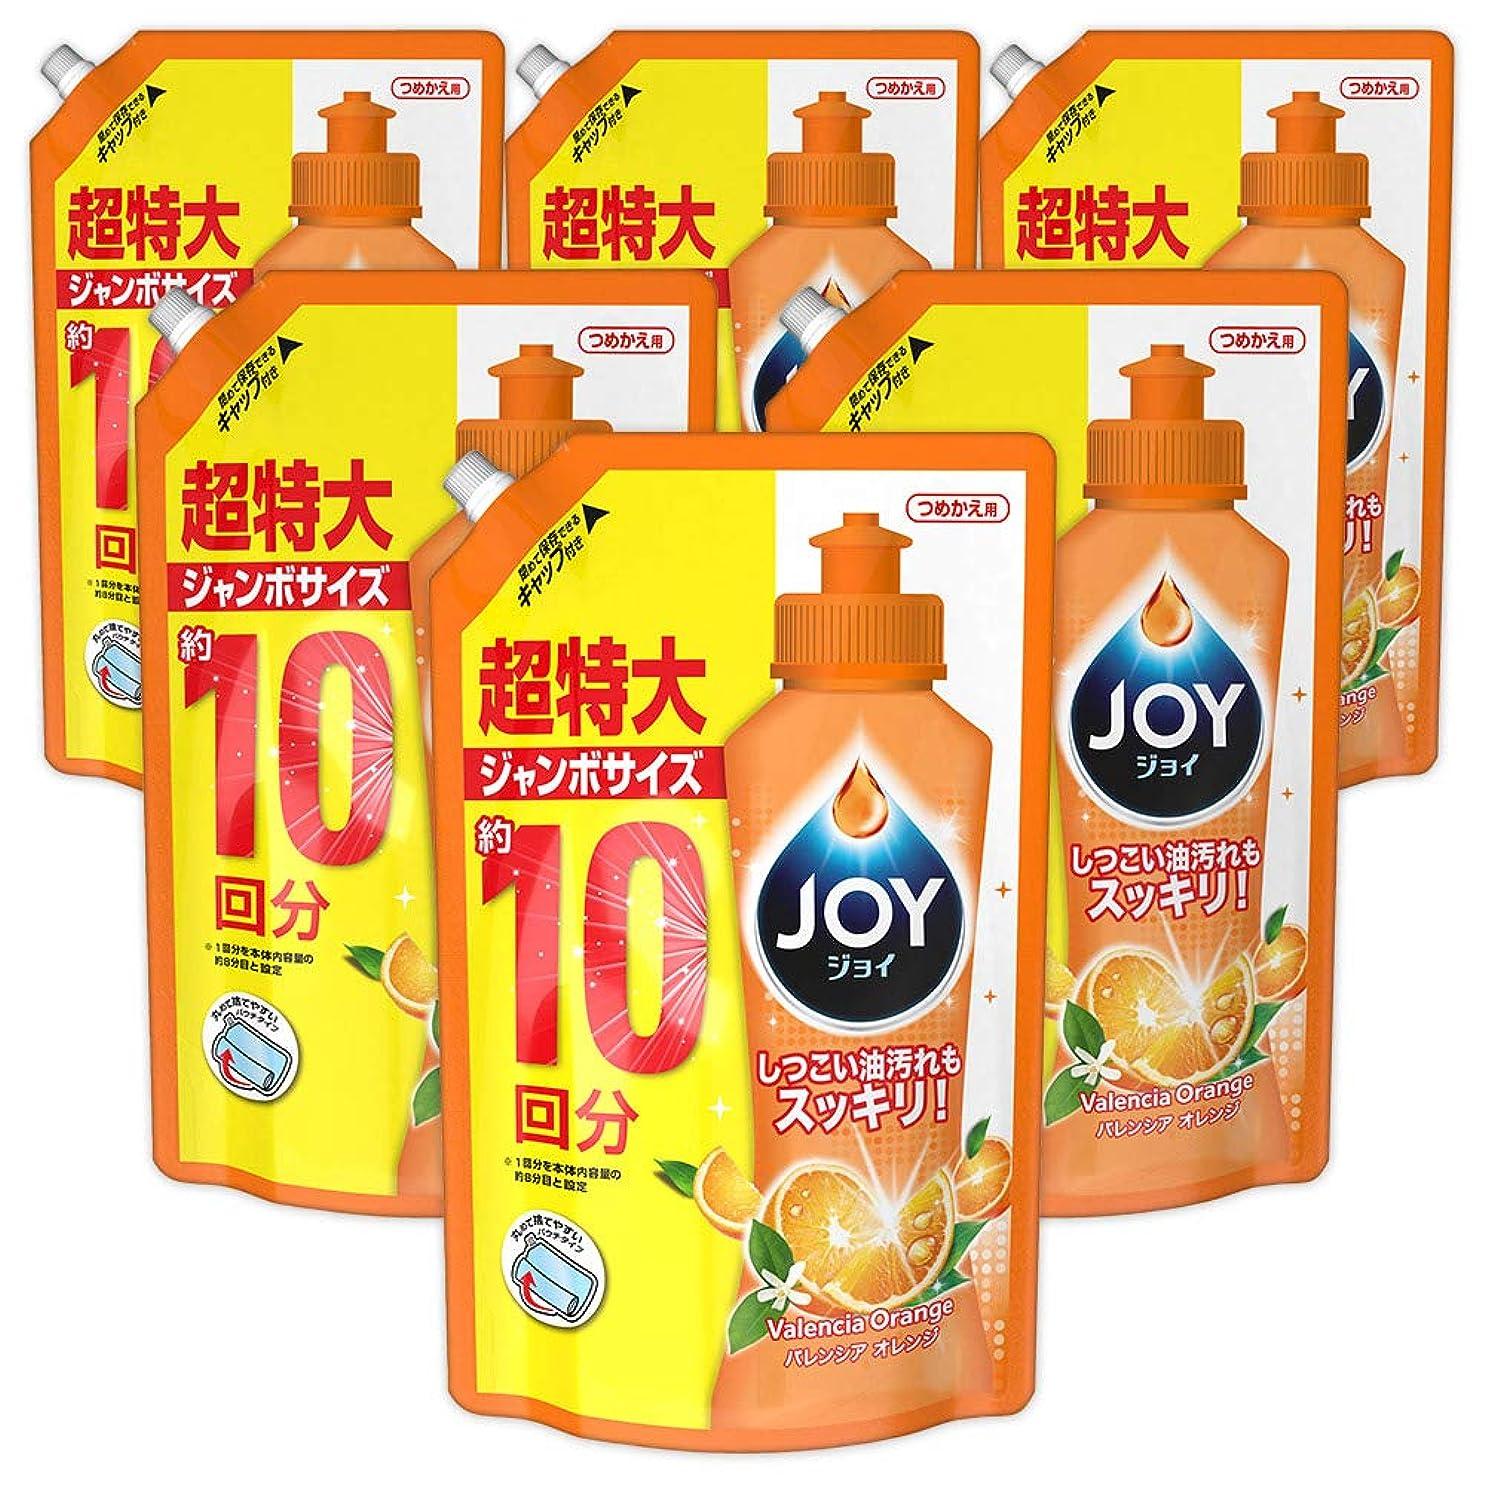 私たち早く定説【ケース販売】ジョイ コンパクト 食器用洗剤 バレンシアオレンジの香り 詰め替え ジャンボ 1445mL×6個